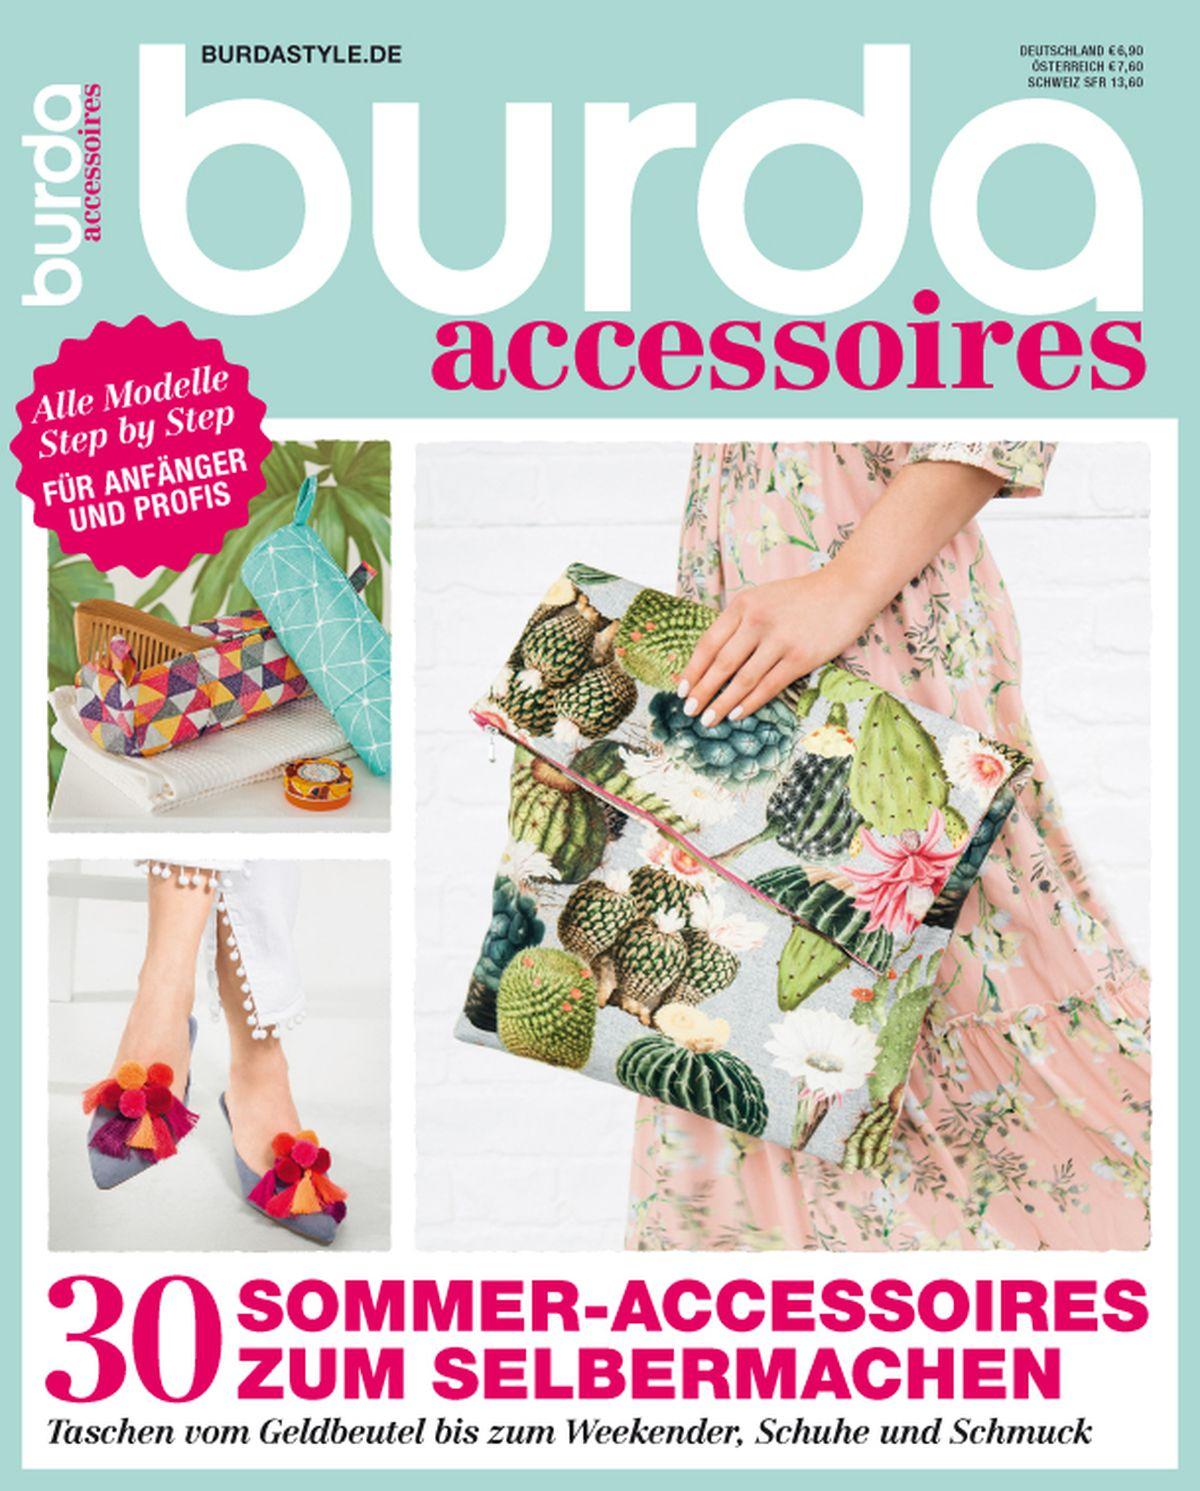 Burda Style bringt Sonderheft Burda Accessoires auf den Markt